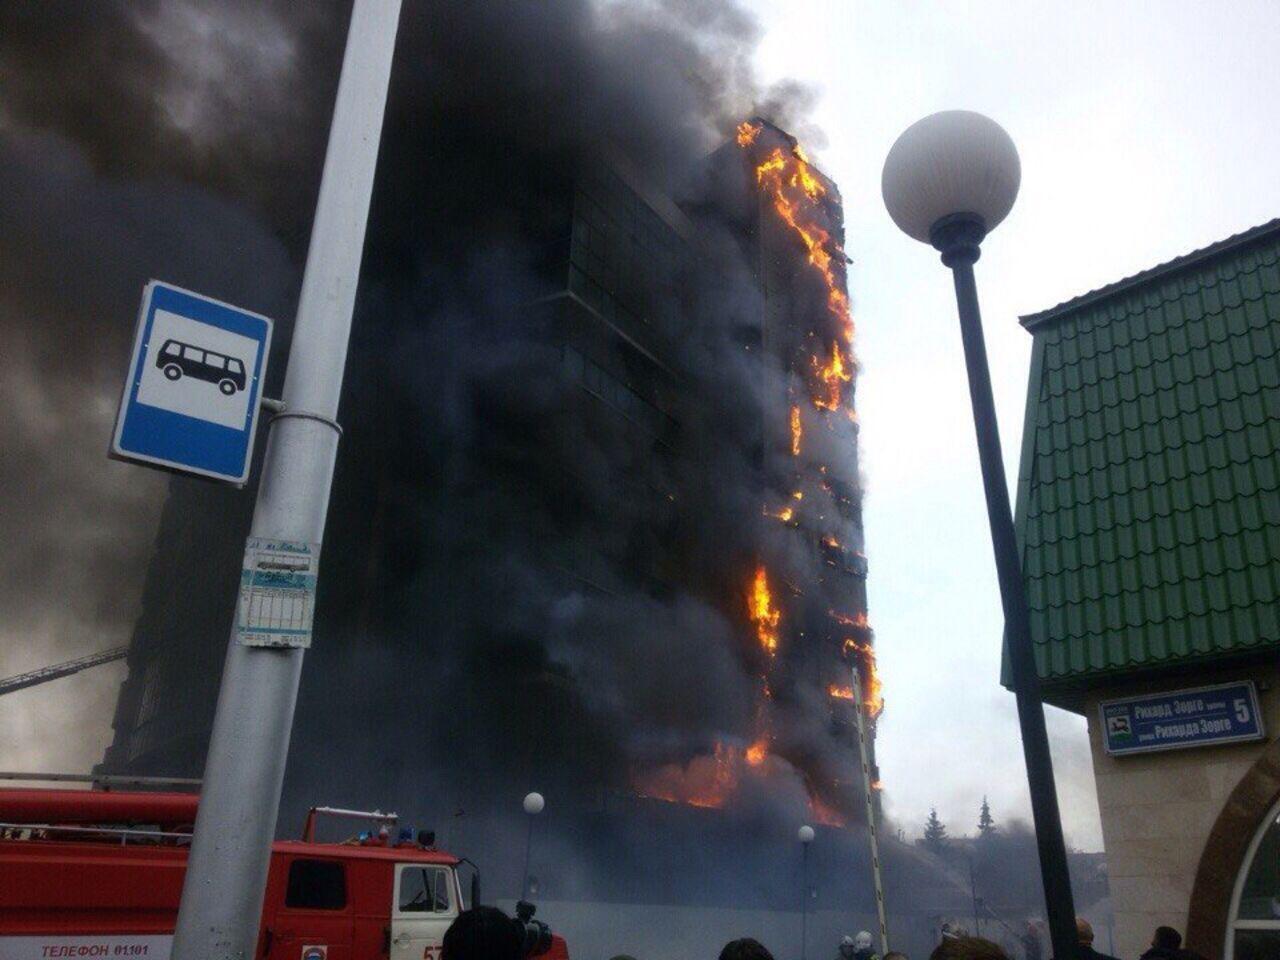 Пожар вспыхнул вмногоэтажке вУфе, есть жертвы